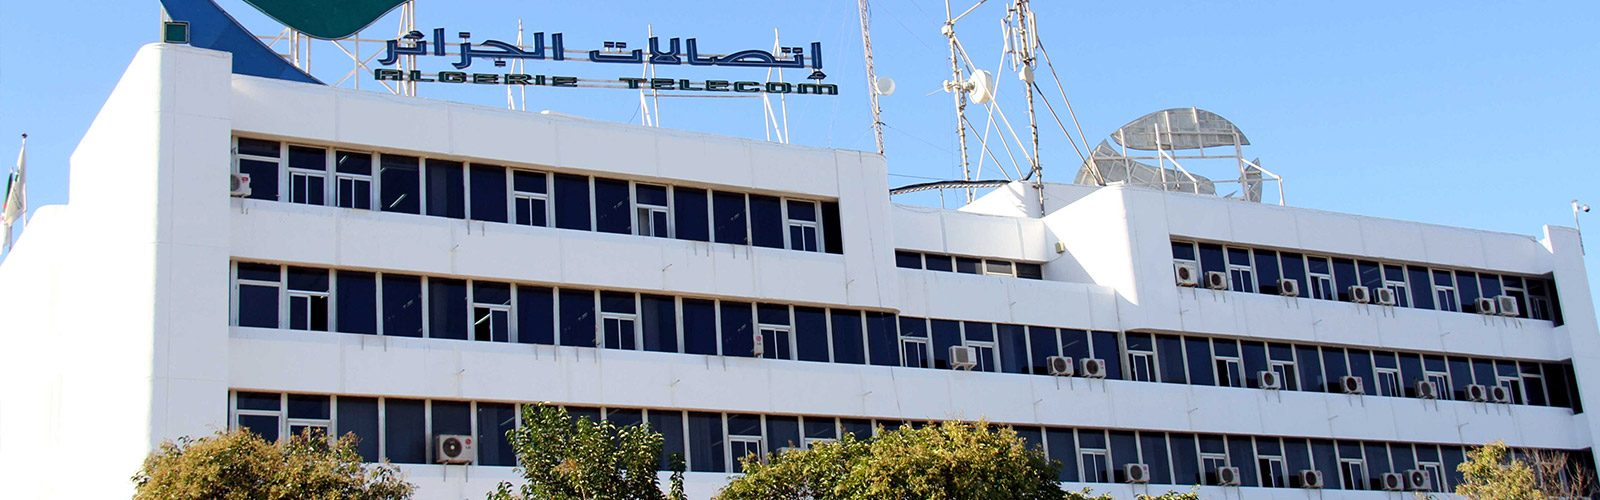 إتصالات الجزائر تعلن عن إنشاء مركز للعمليات الأمنية SOC